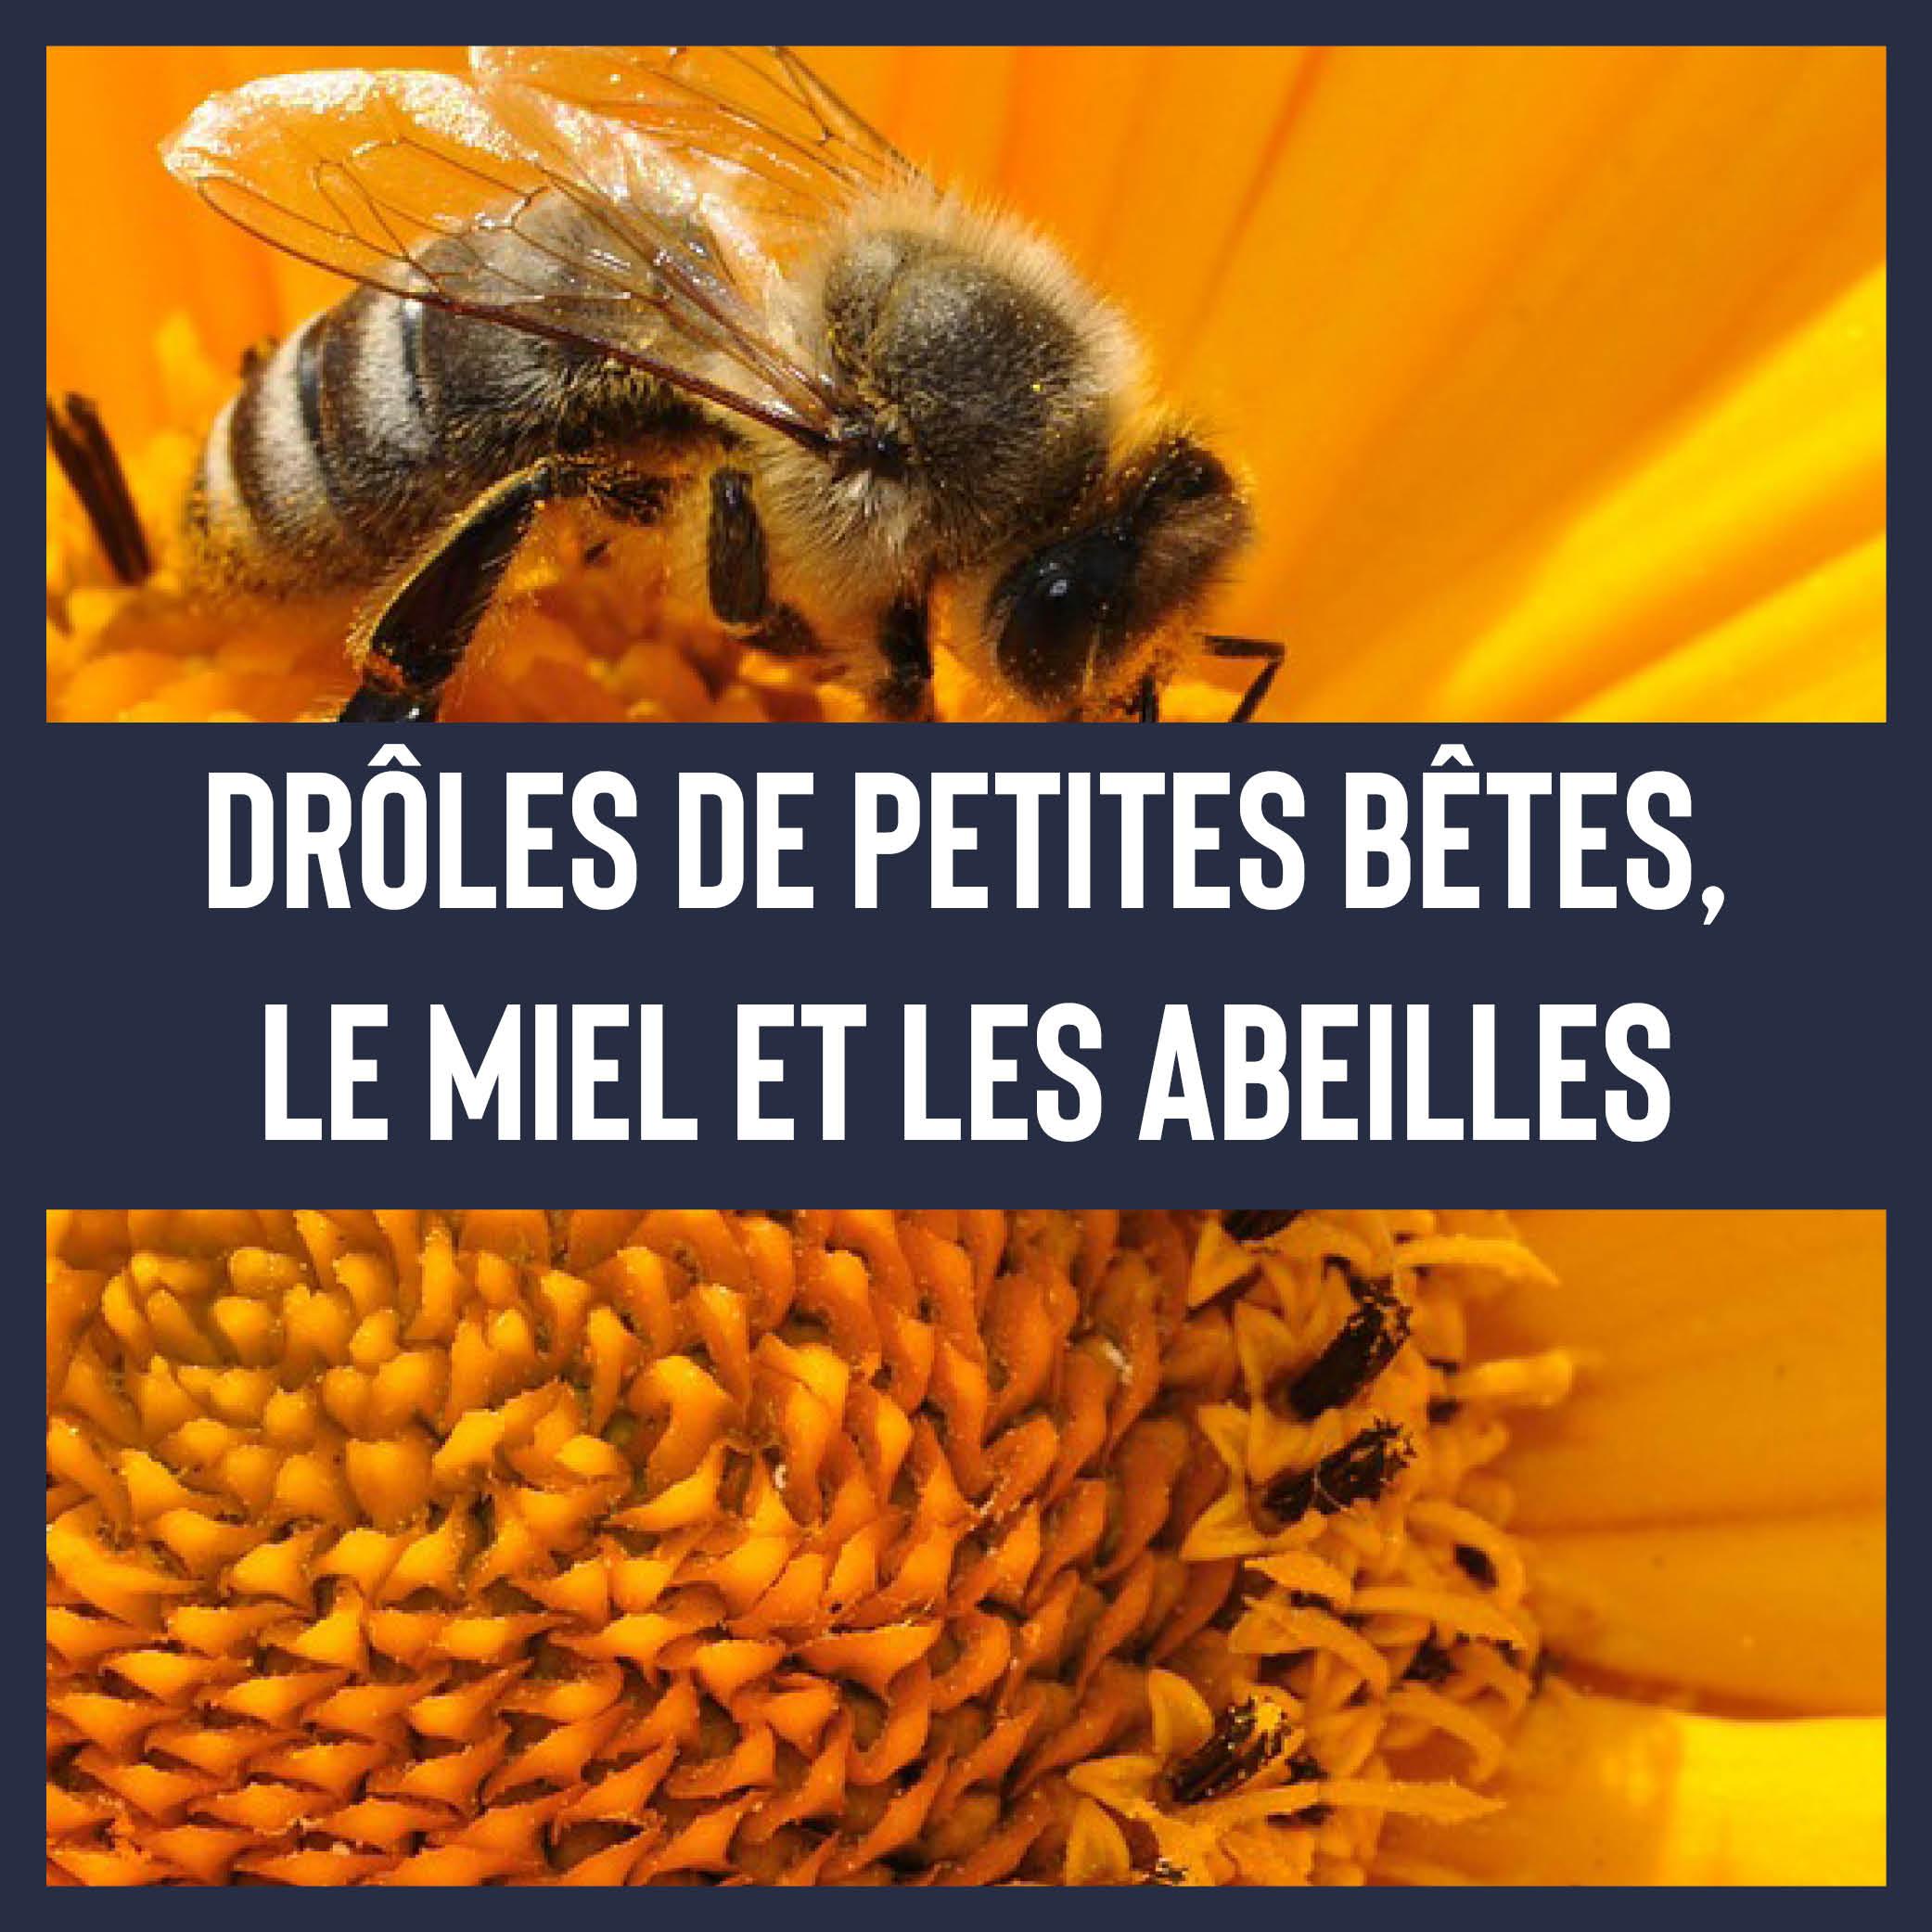 Le miel et les abeilles !